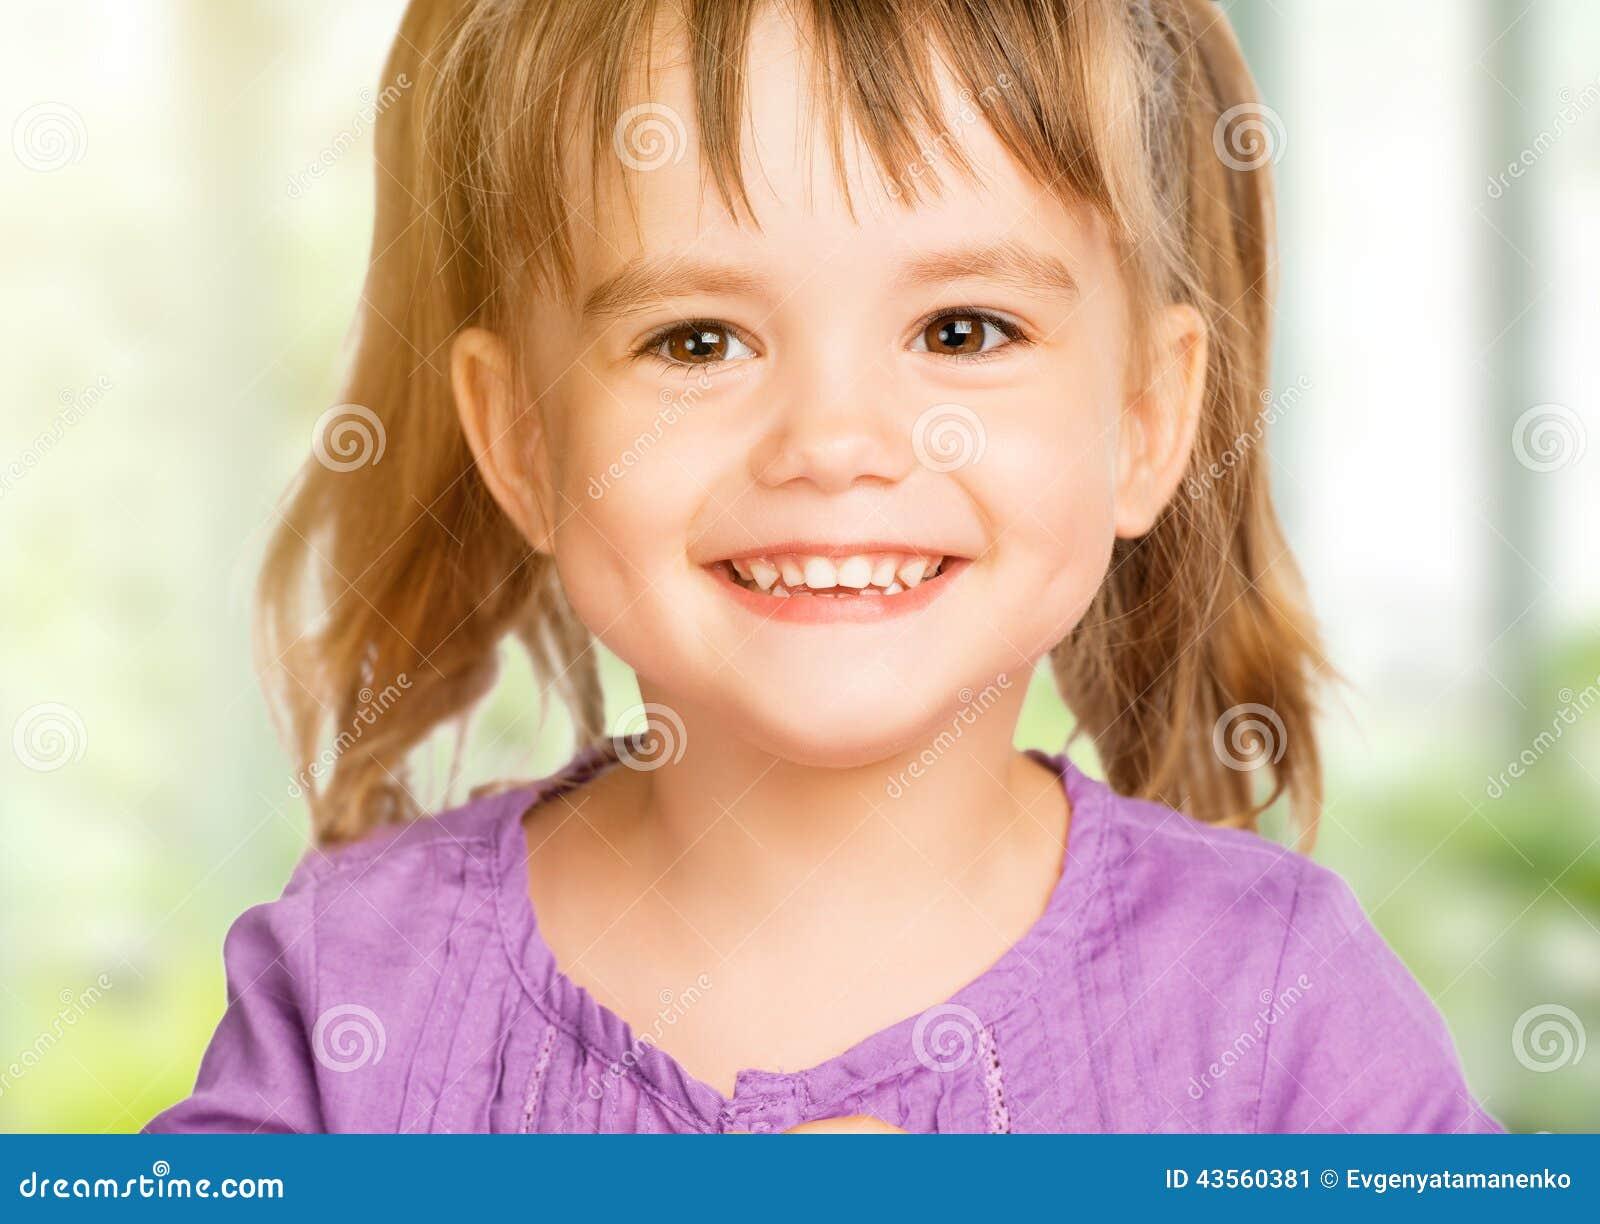 Souvent Visage D'enfant Heureux De Petite Fille Image stock - Image: 43560381 ZG88